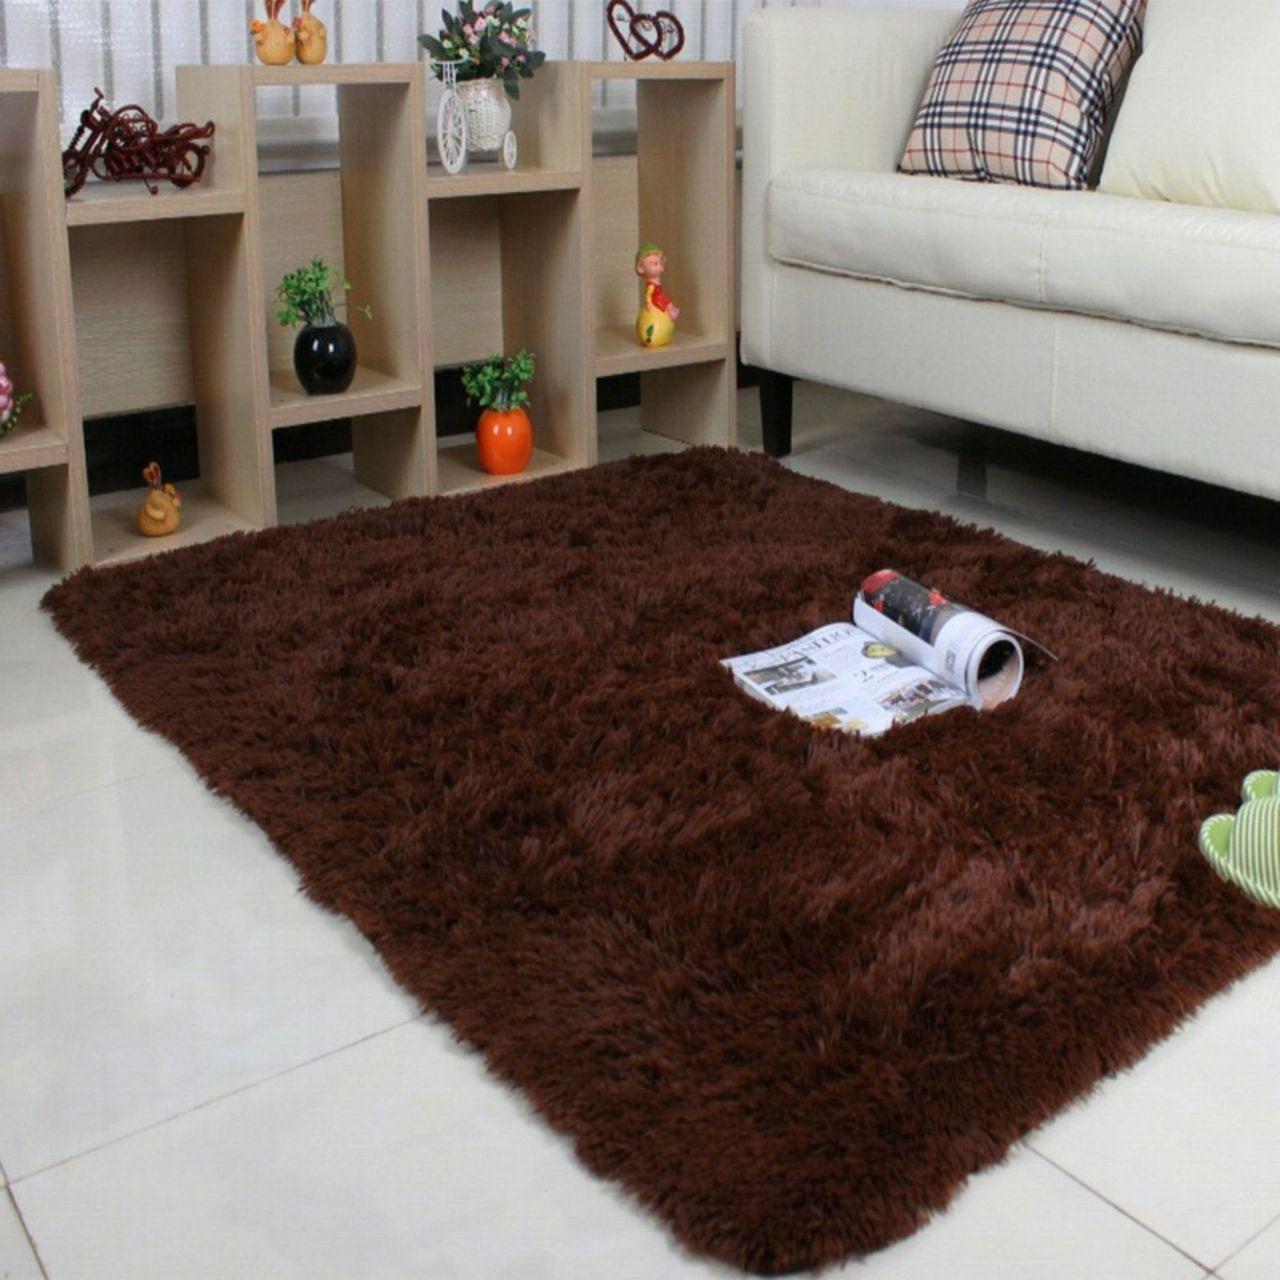 Tikar Karpet Terlengkap Murah Duduk Evamate 120cm X 200cm Bulu Korea 200x120x Tebal 3cm Higt Qualitas Coklat Tua